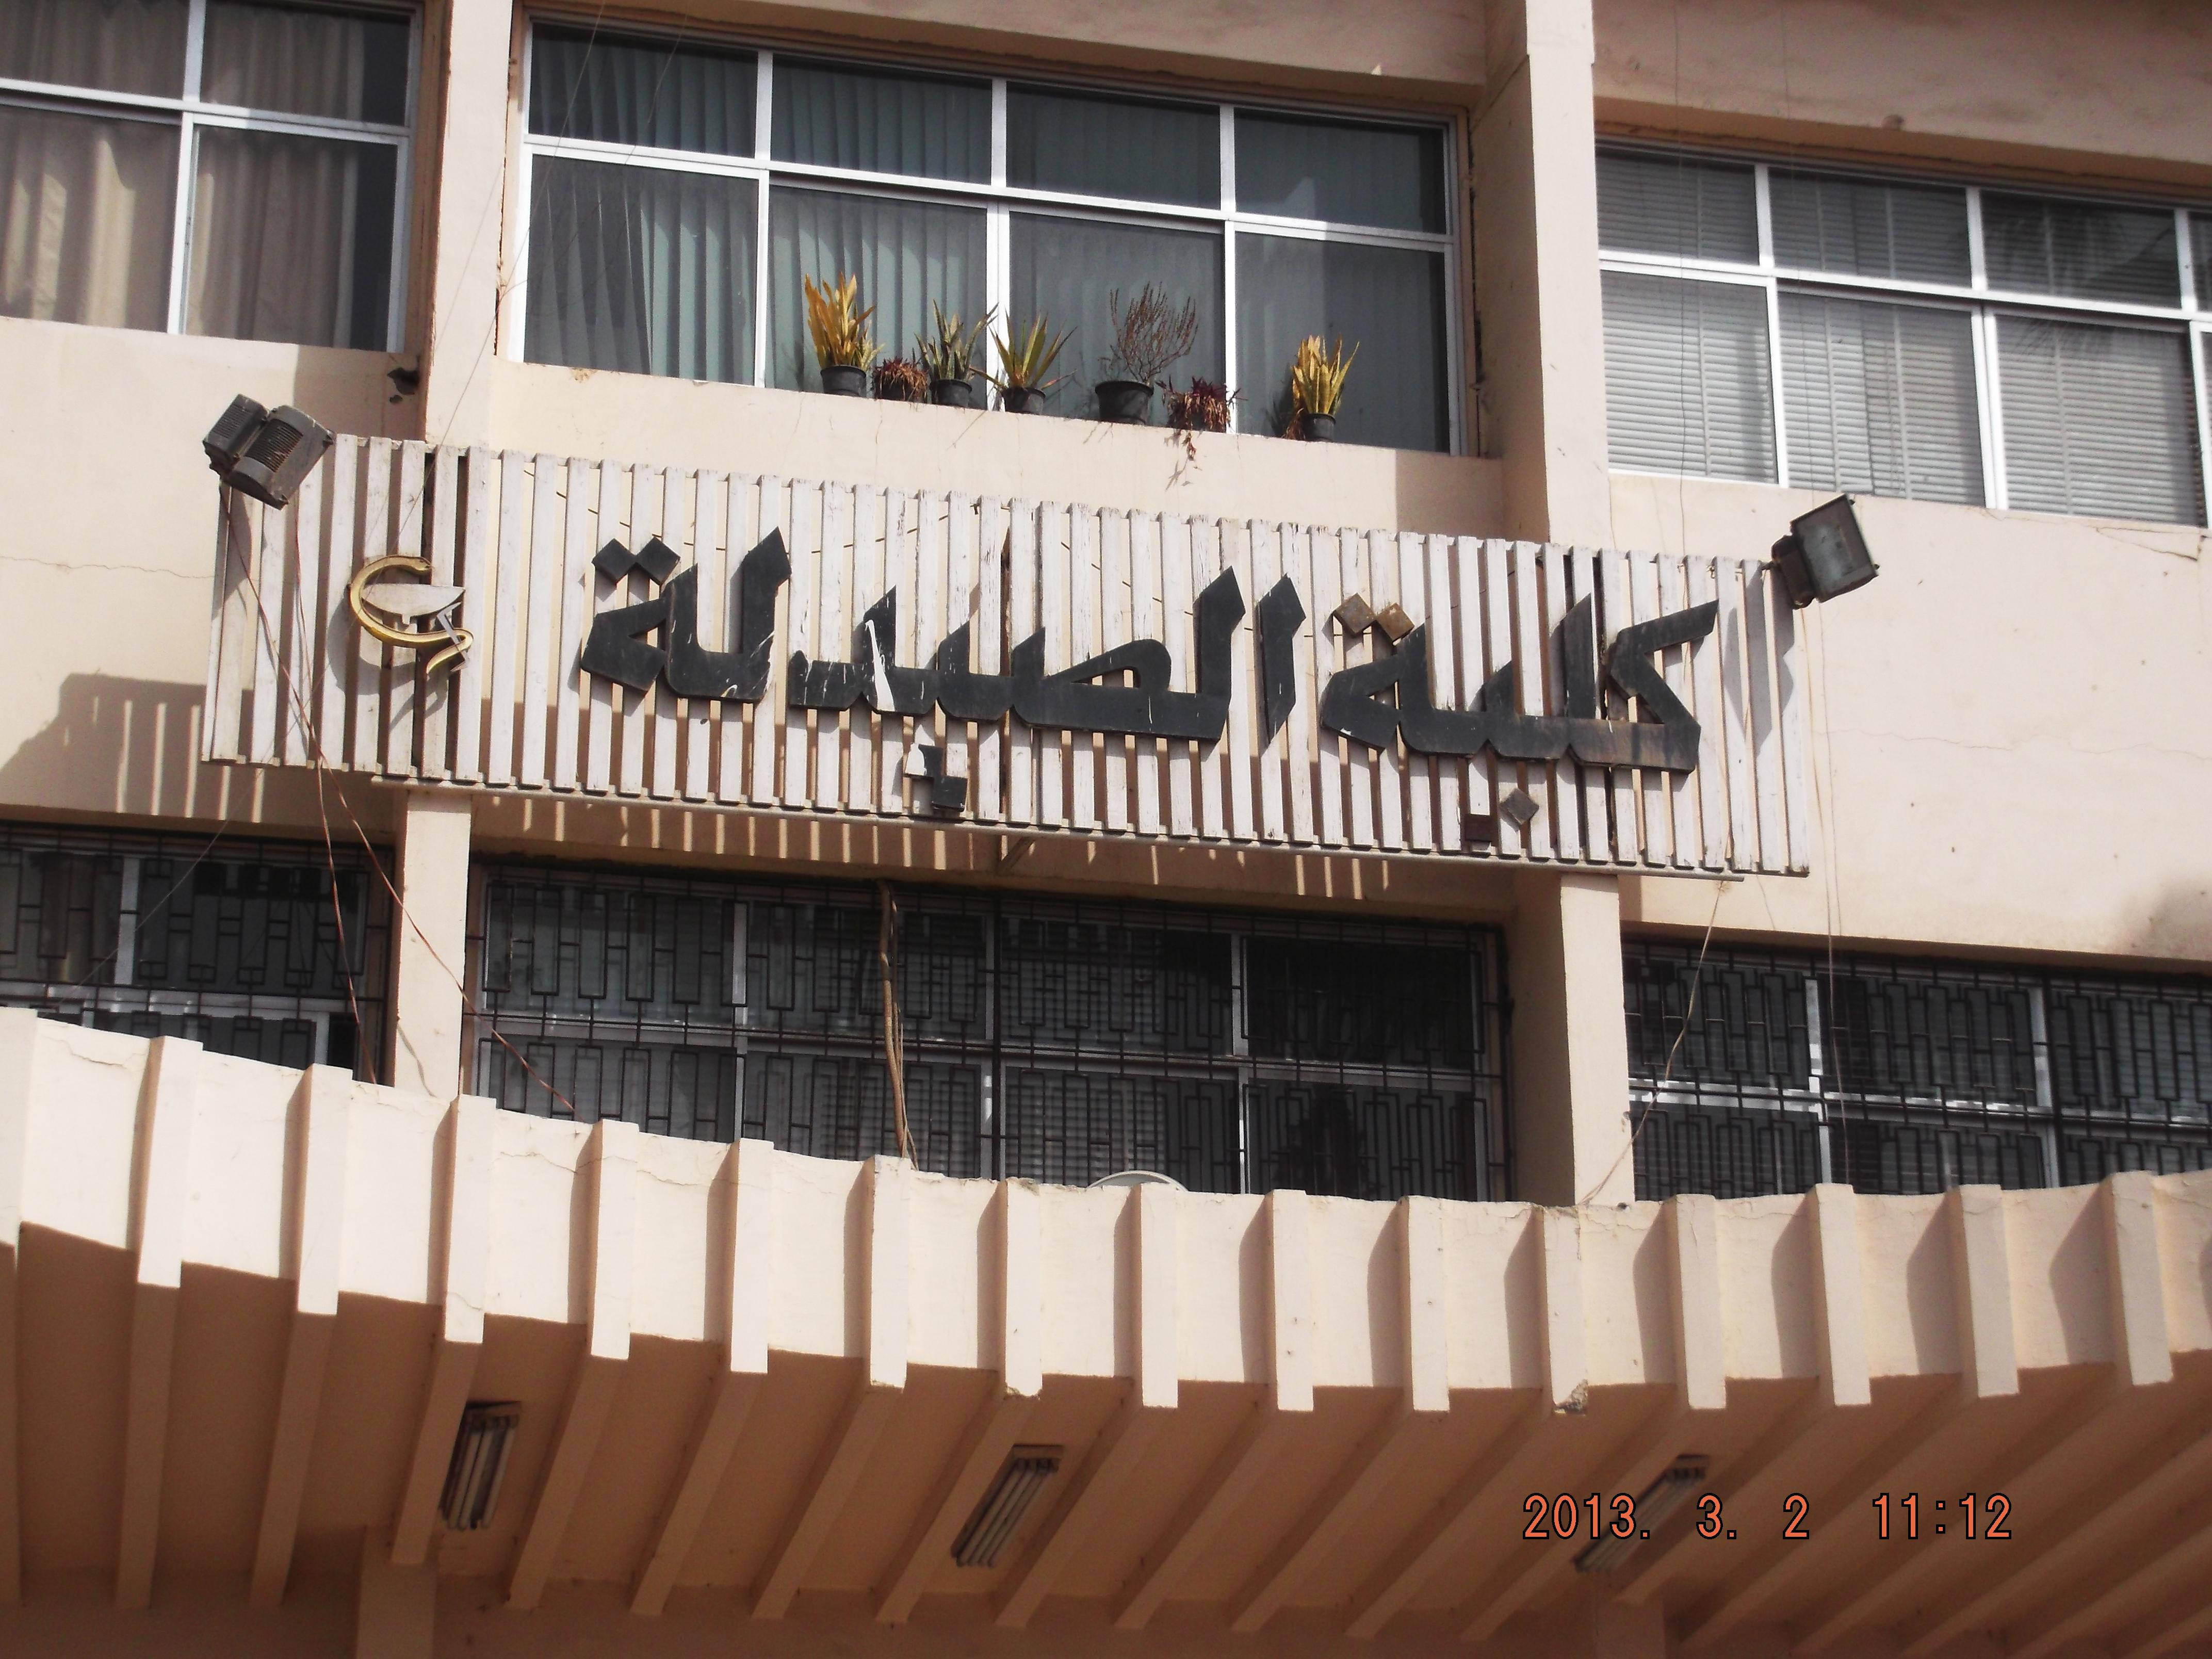 Requesting registration of pharmaceutical / Magda Mohamed Abdel Hamid Nemat (pharmaceutical free) for master